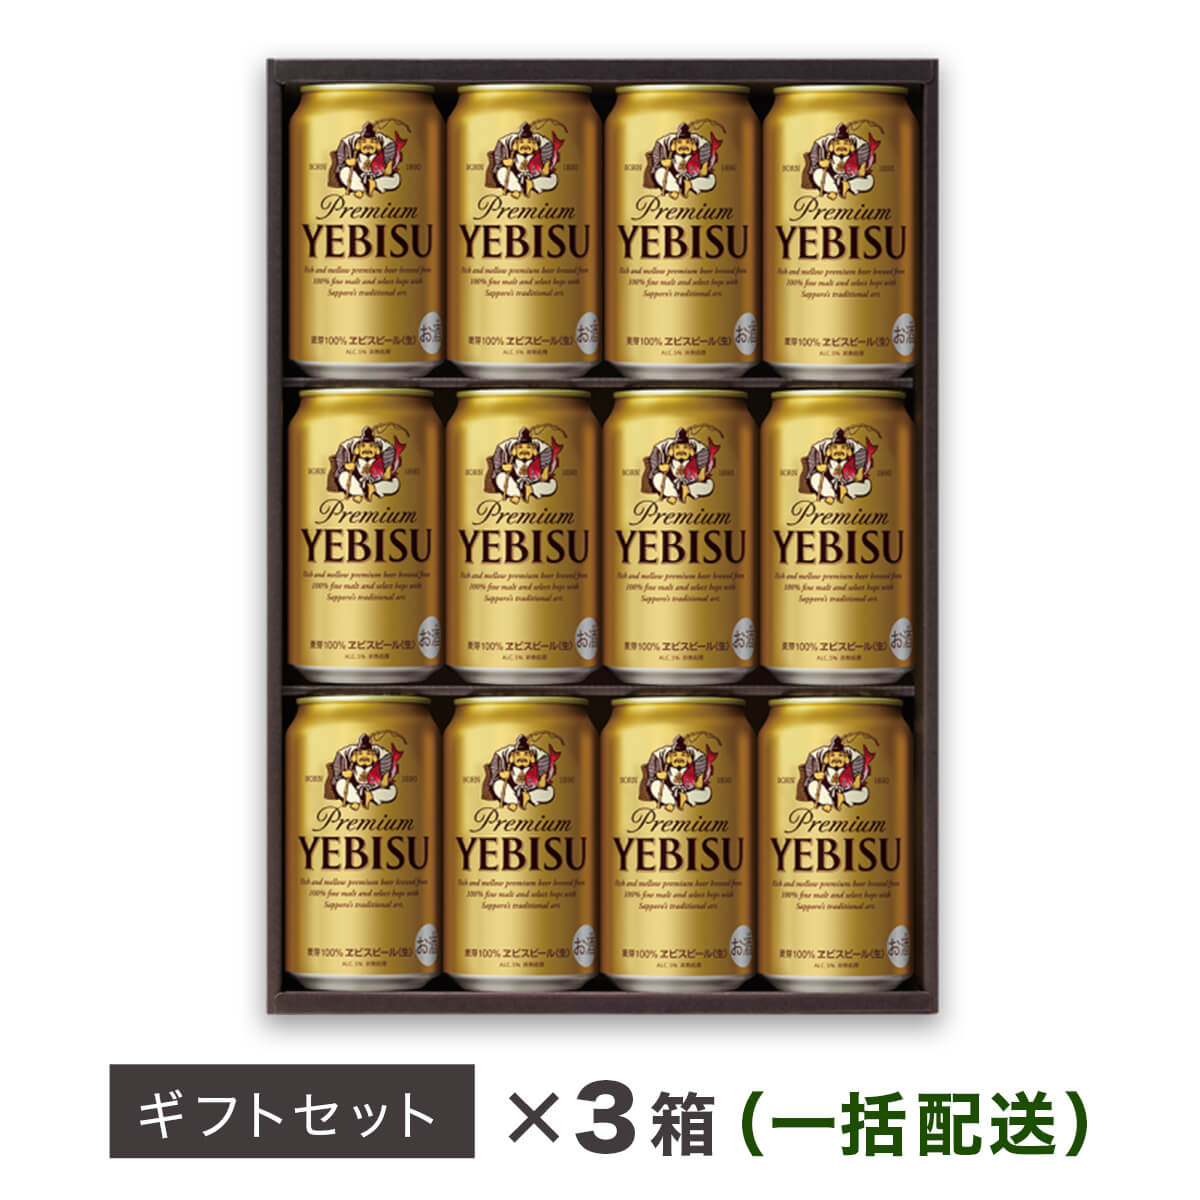 【ふるさと納税】地元名取生産ヱビスビール 350ml×12本セット を3ケース 同時お届け